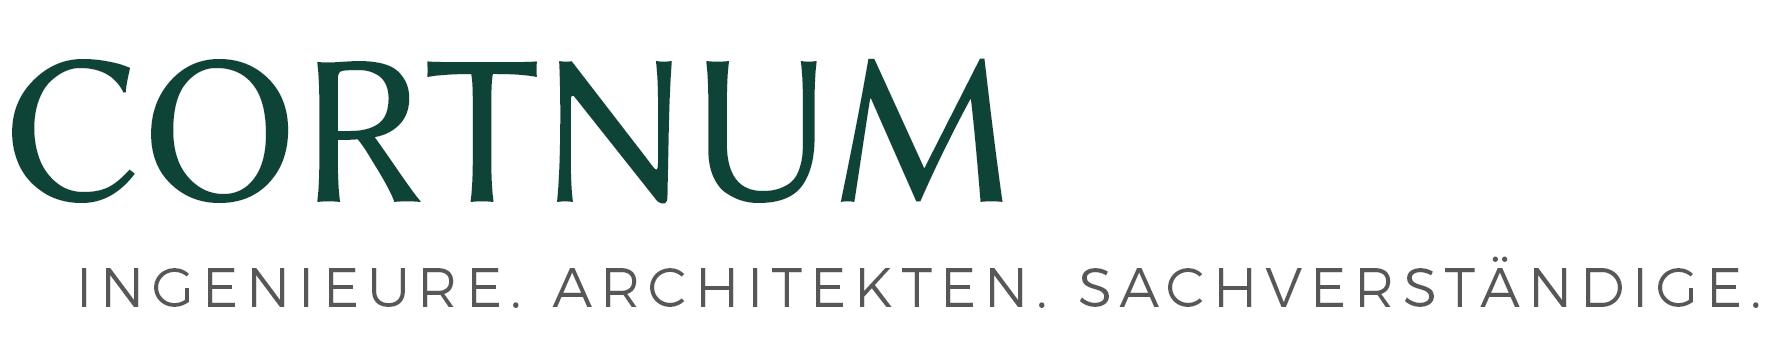 Logo Cortnum lang